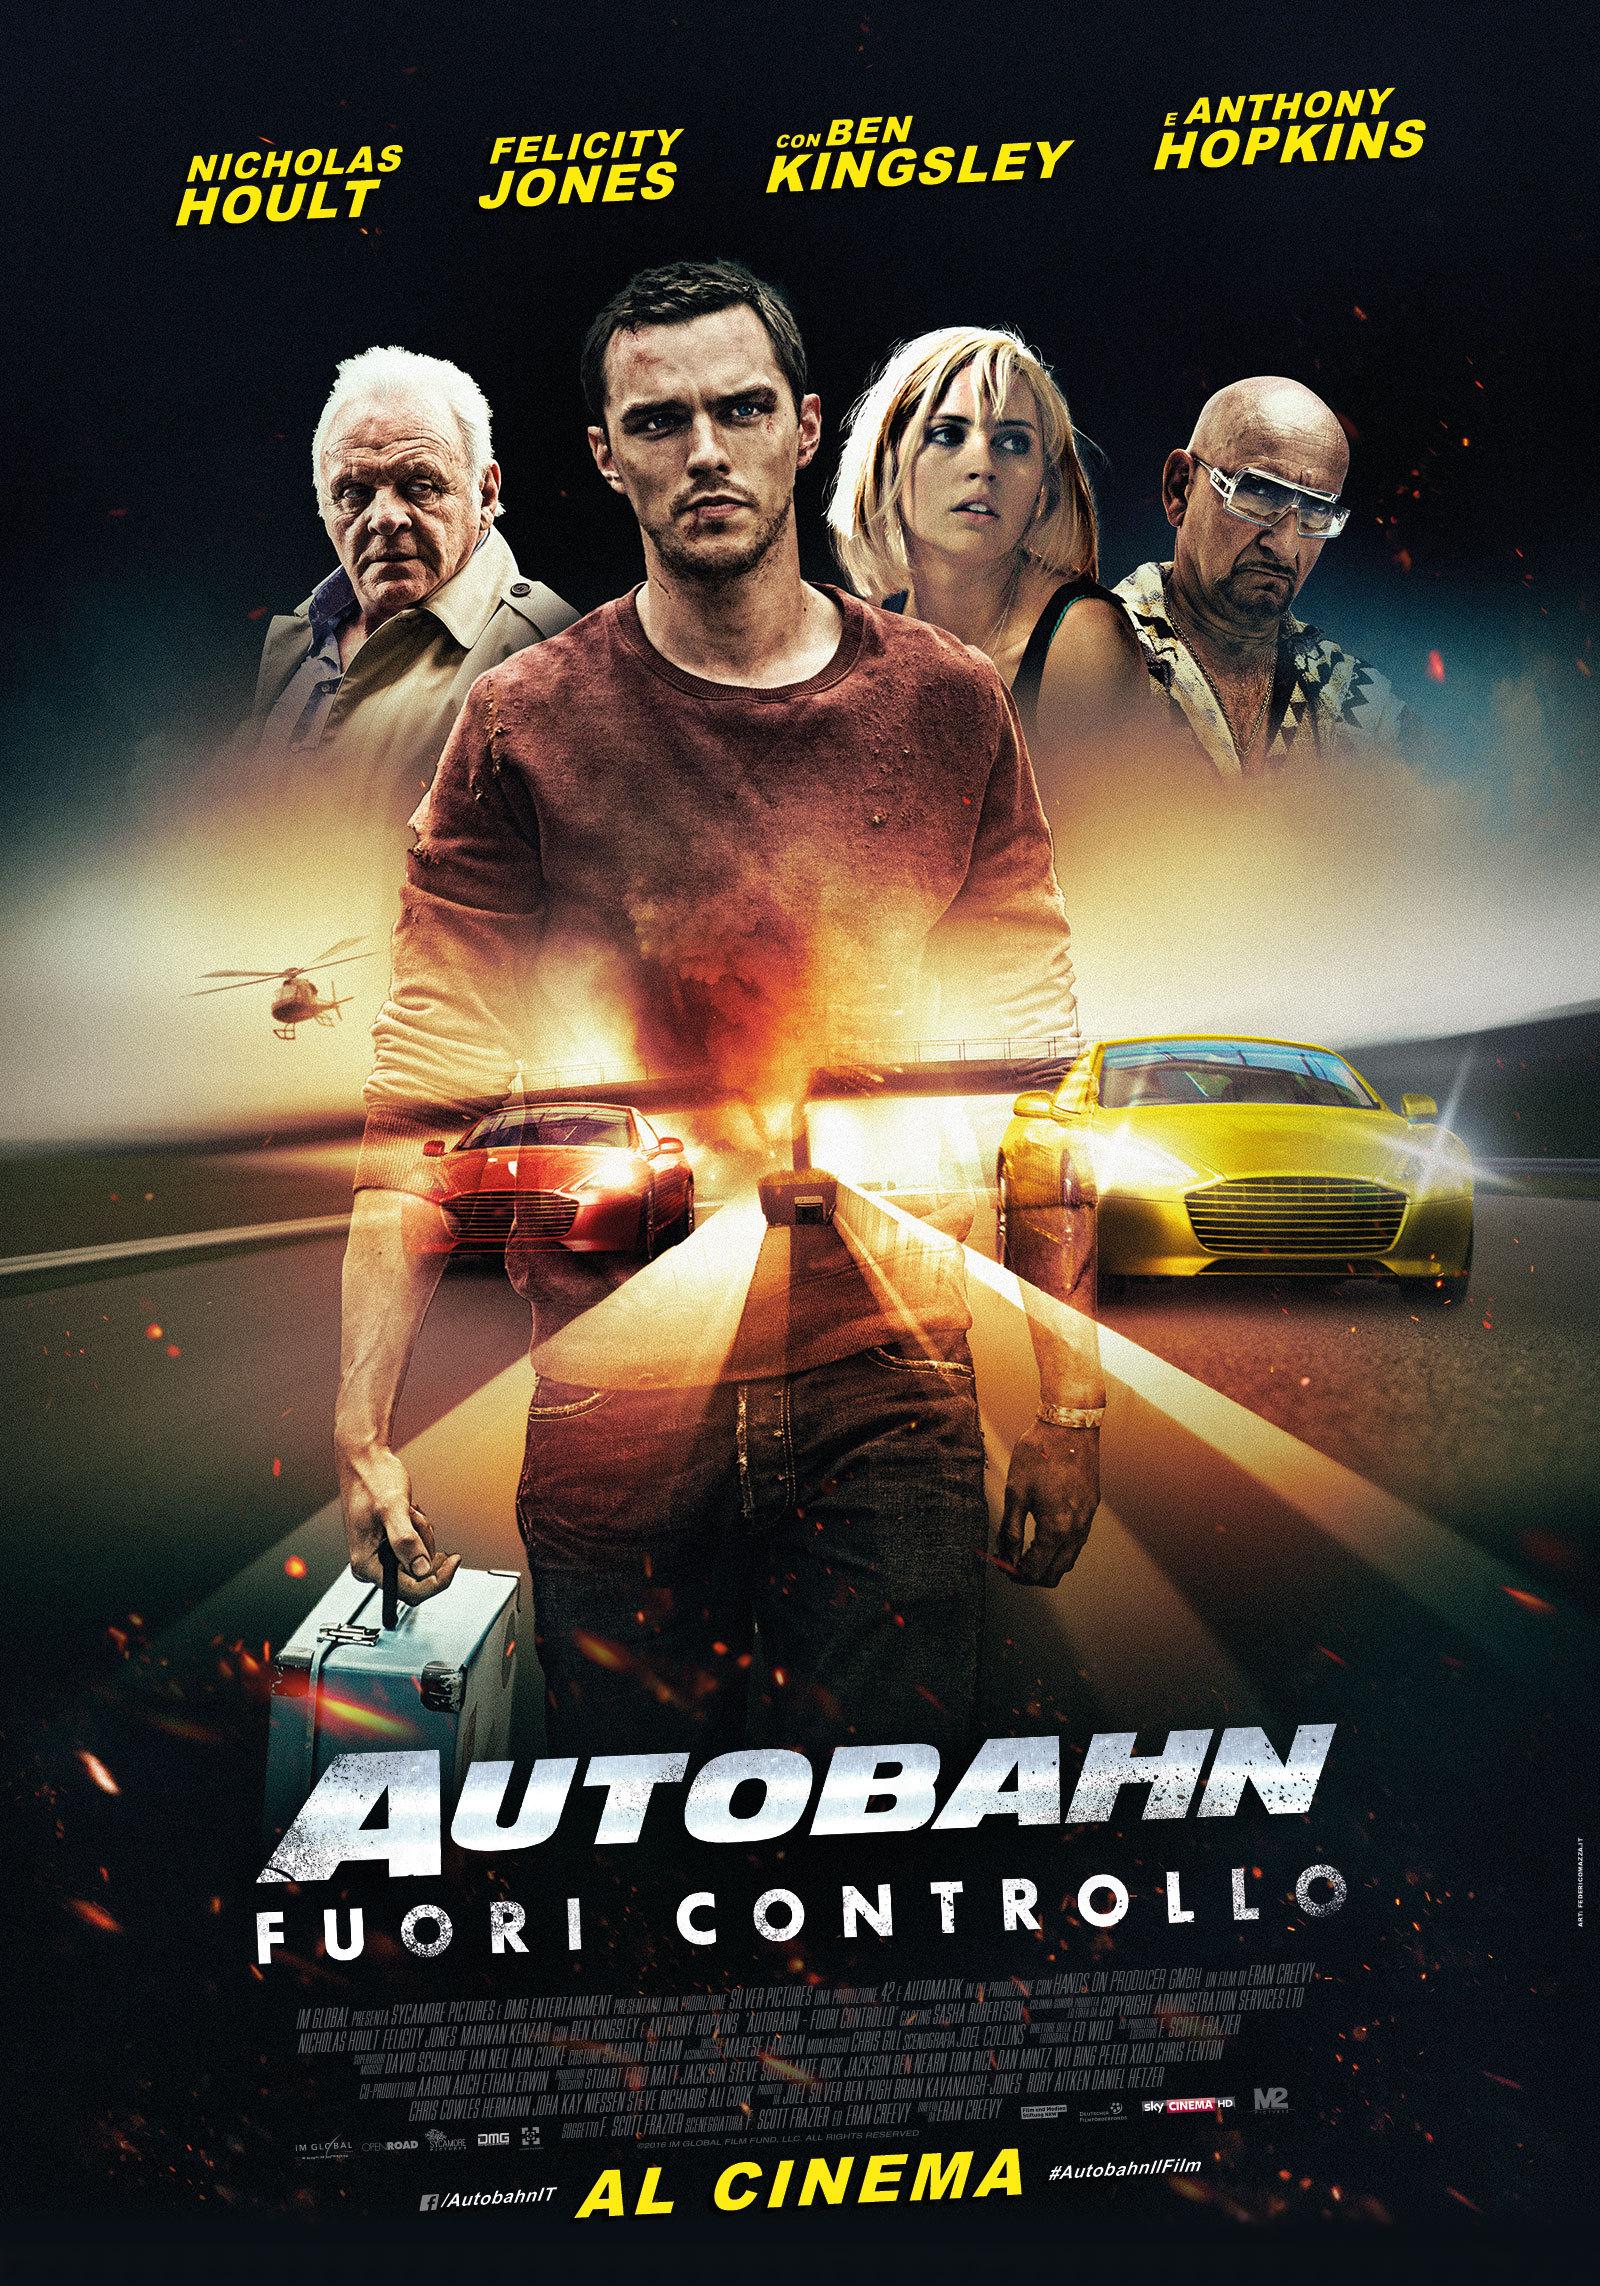 Autobahn - Fuori controllo